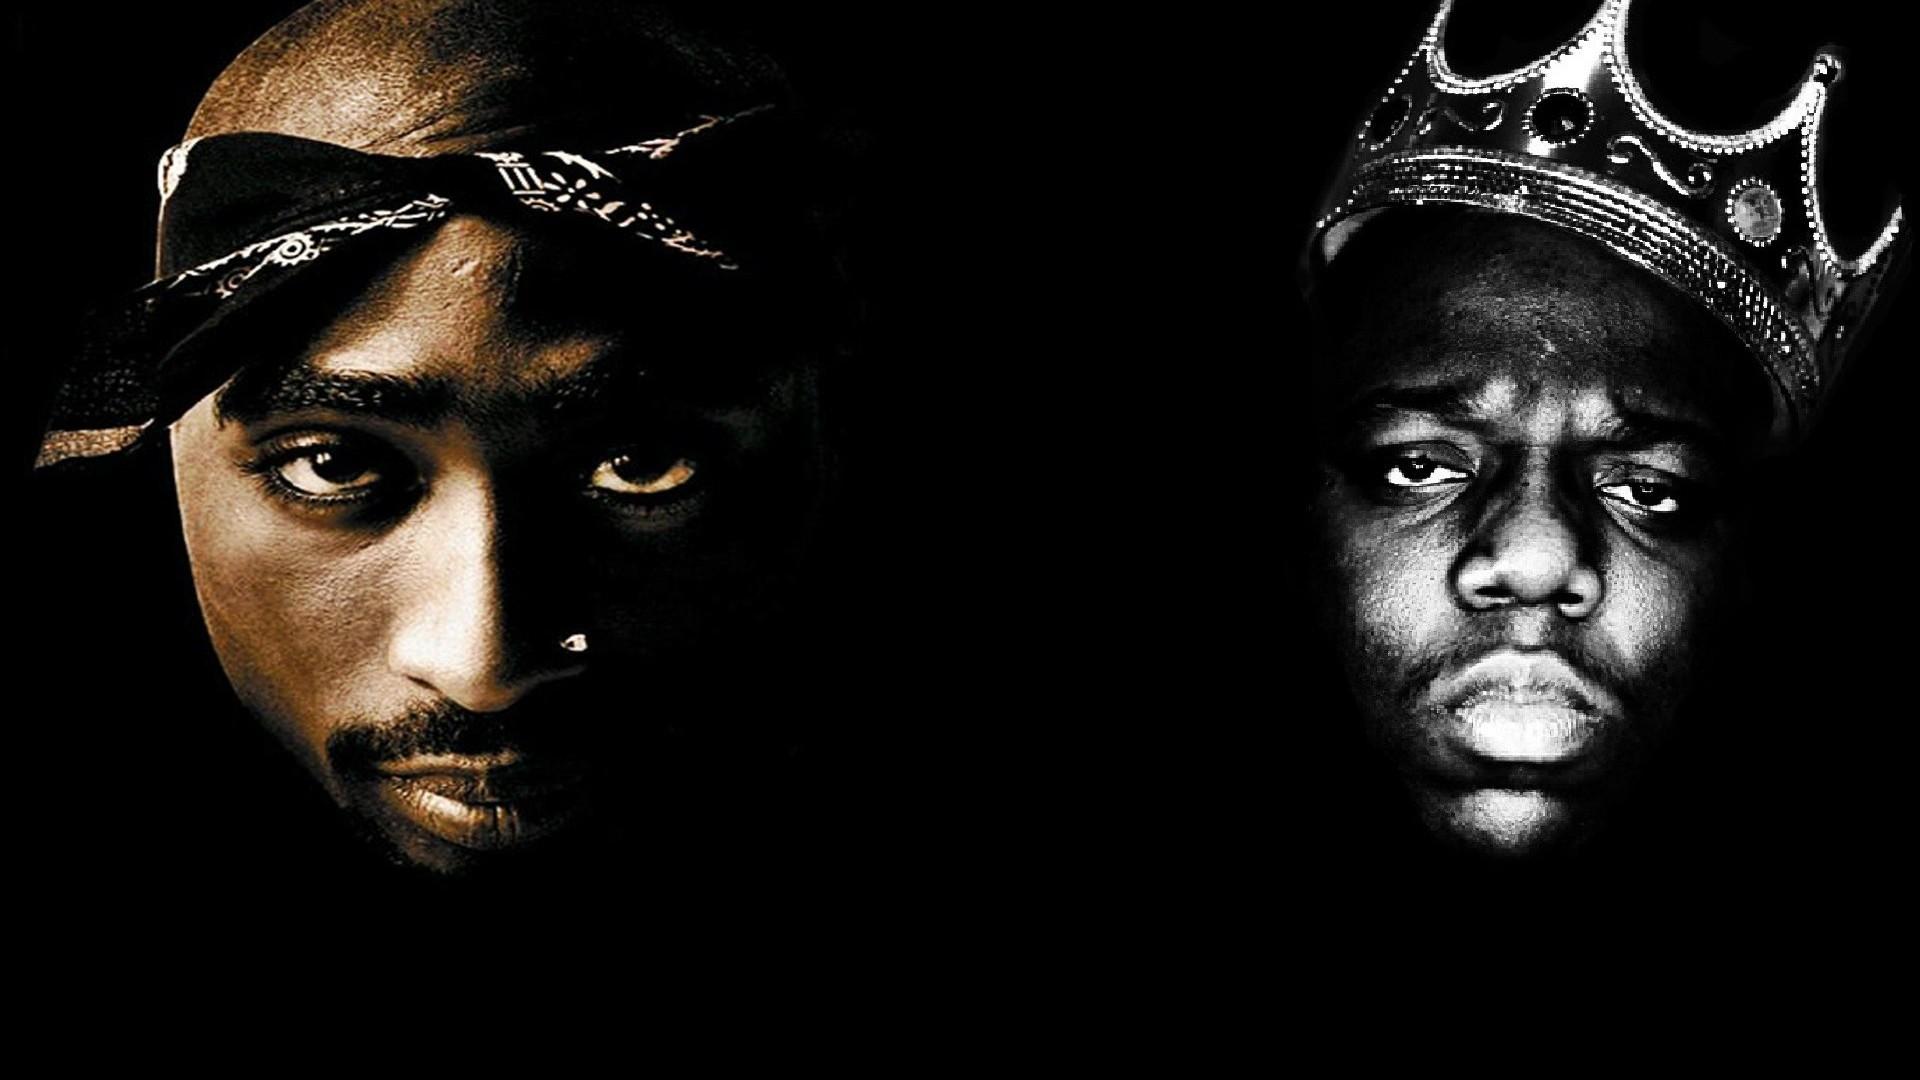 TUPAC BIGGIE SMALLS gangsta rapper rap hip hop f wallpaper | .